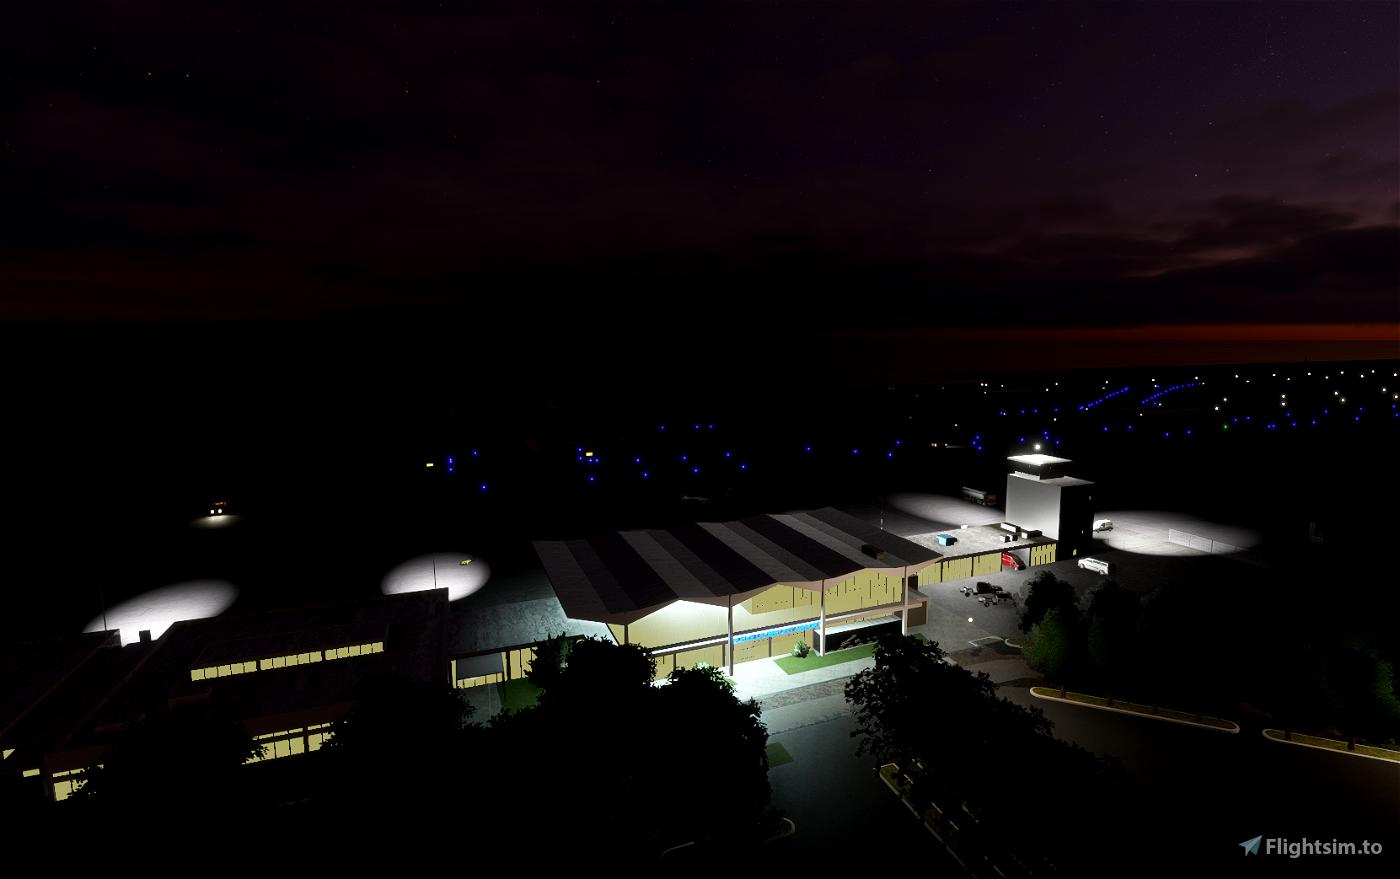 KBKL-Burke Lakefront Airport V2.01 Cleveland, Ohio